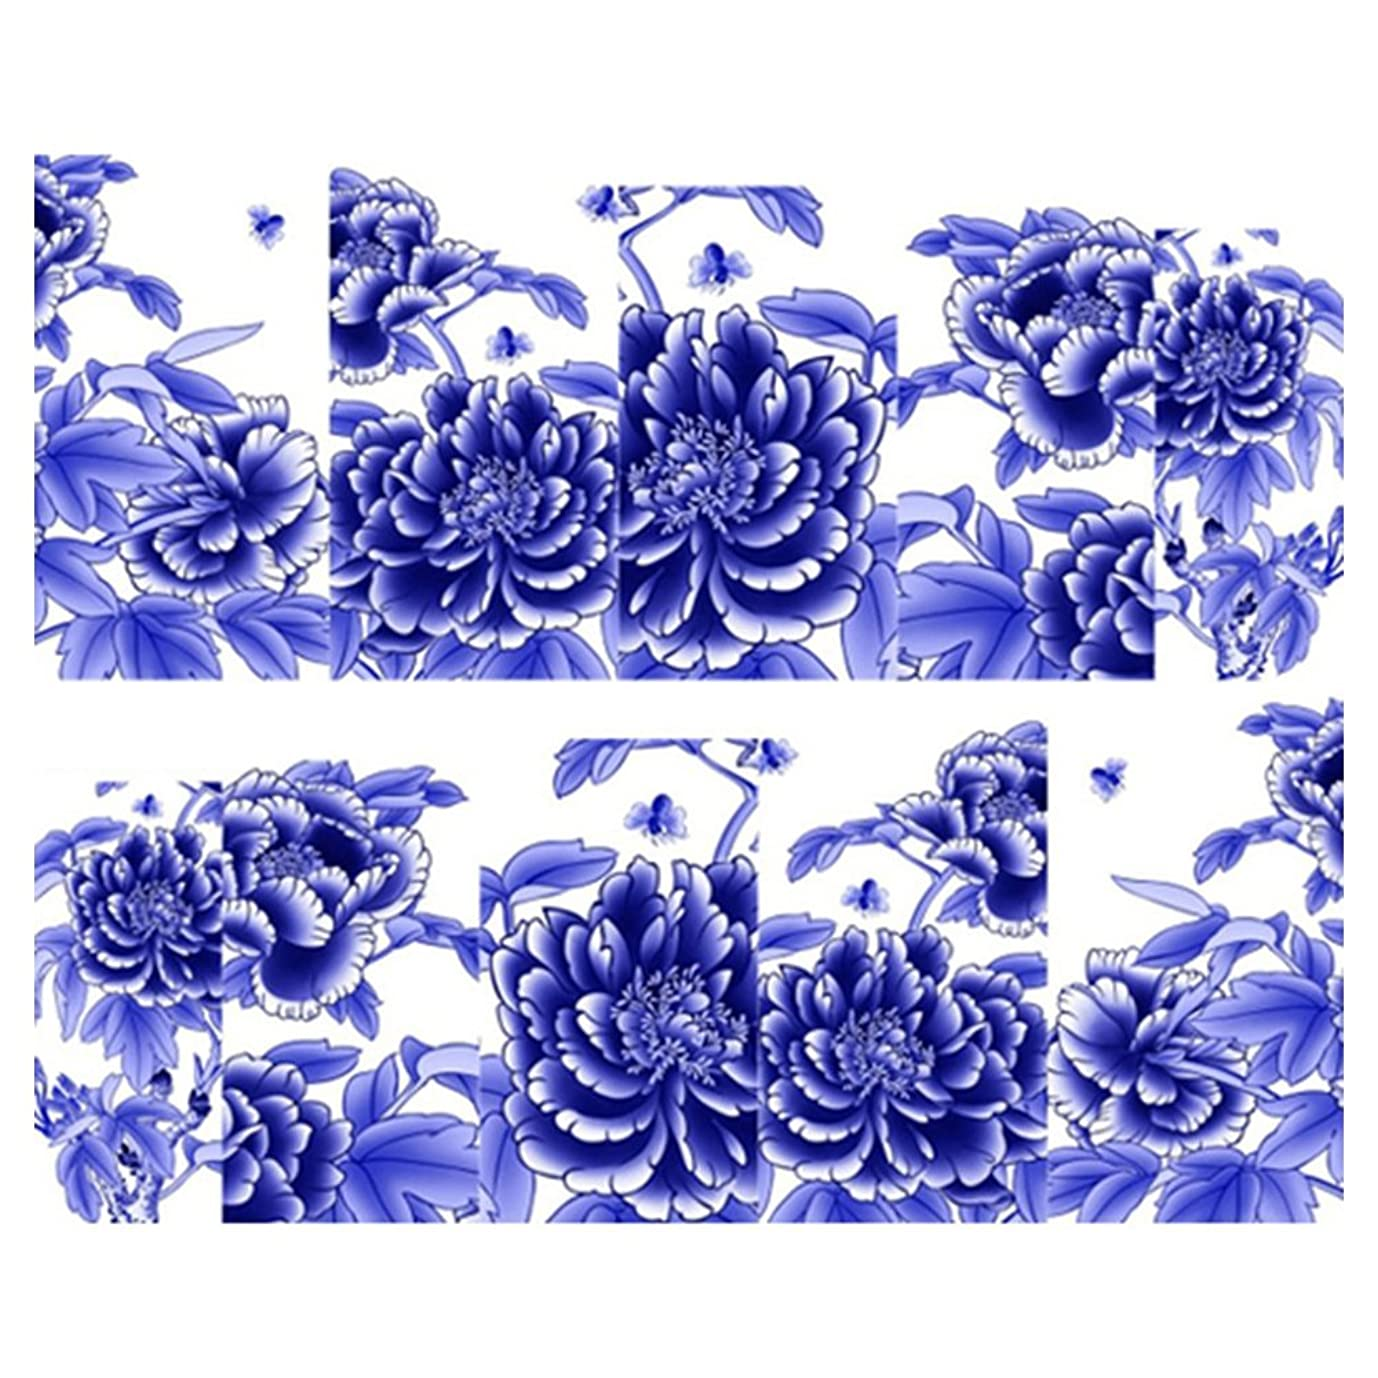 レギュラーおしゃれな無数のCikuso 綺麗な花のネイルアート 水転写プリント ネイルシール ステッカー装飾(SY1619)